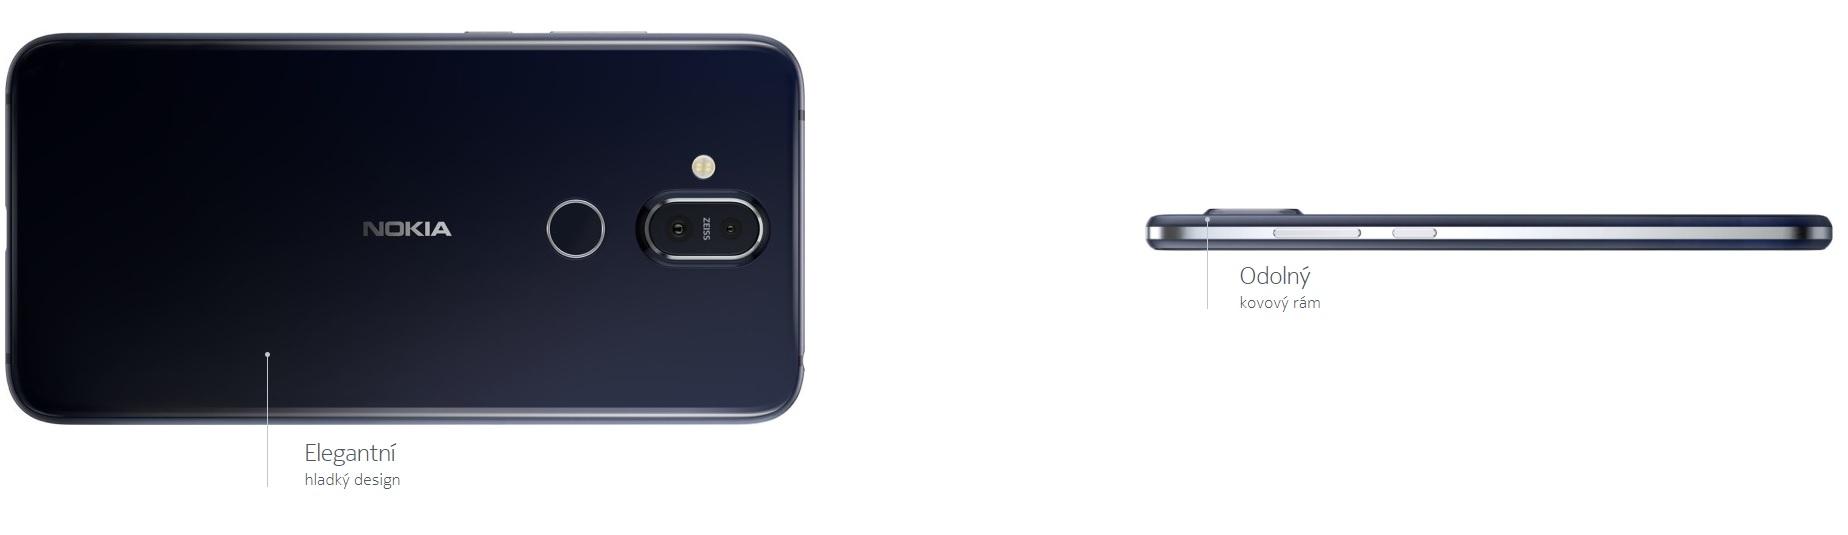 Dílenské zpracování je prvotřídní, na to už jste si ale u Nokie zvykly, že? Nokia 8.1 navazuje na tento trend.